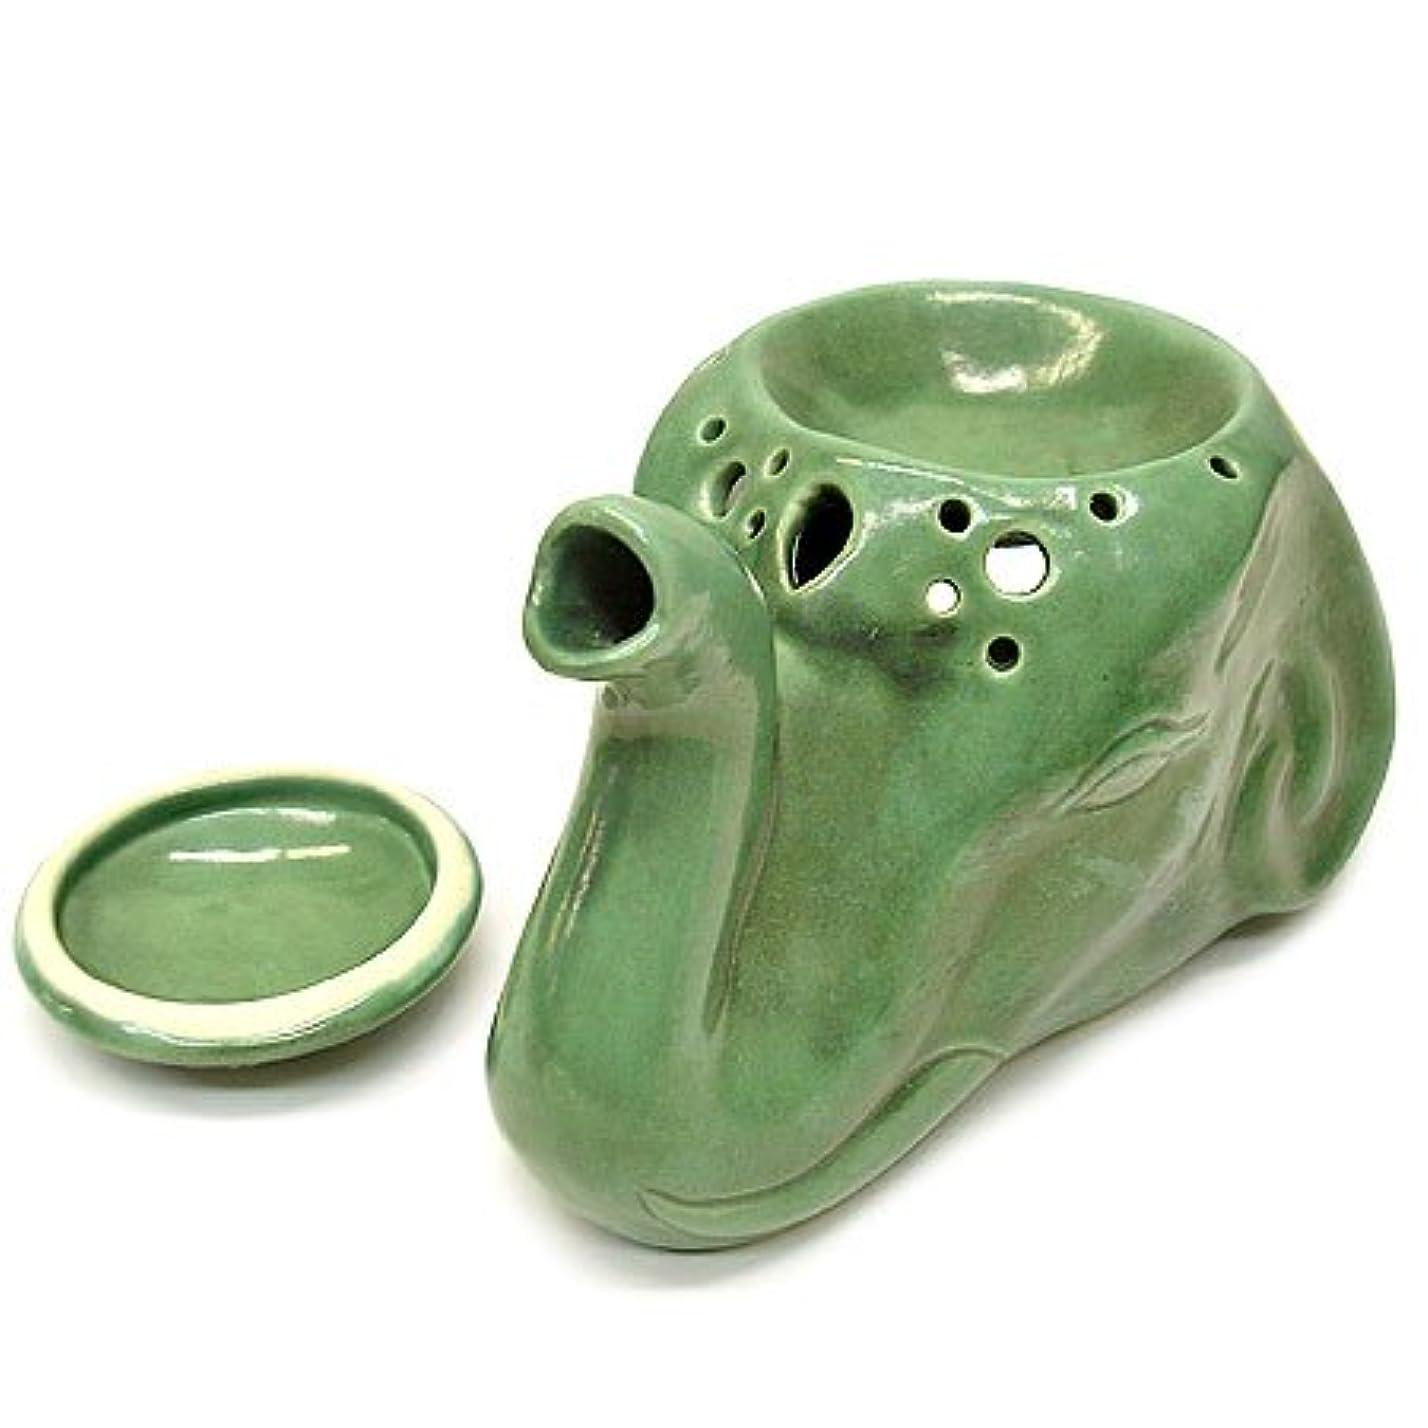 メリー霊アンテナタバナン 象のアロマオイルバーナーセット 緑アジアン雑貨